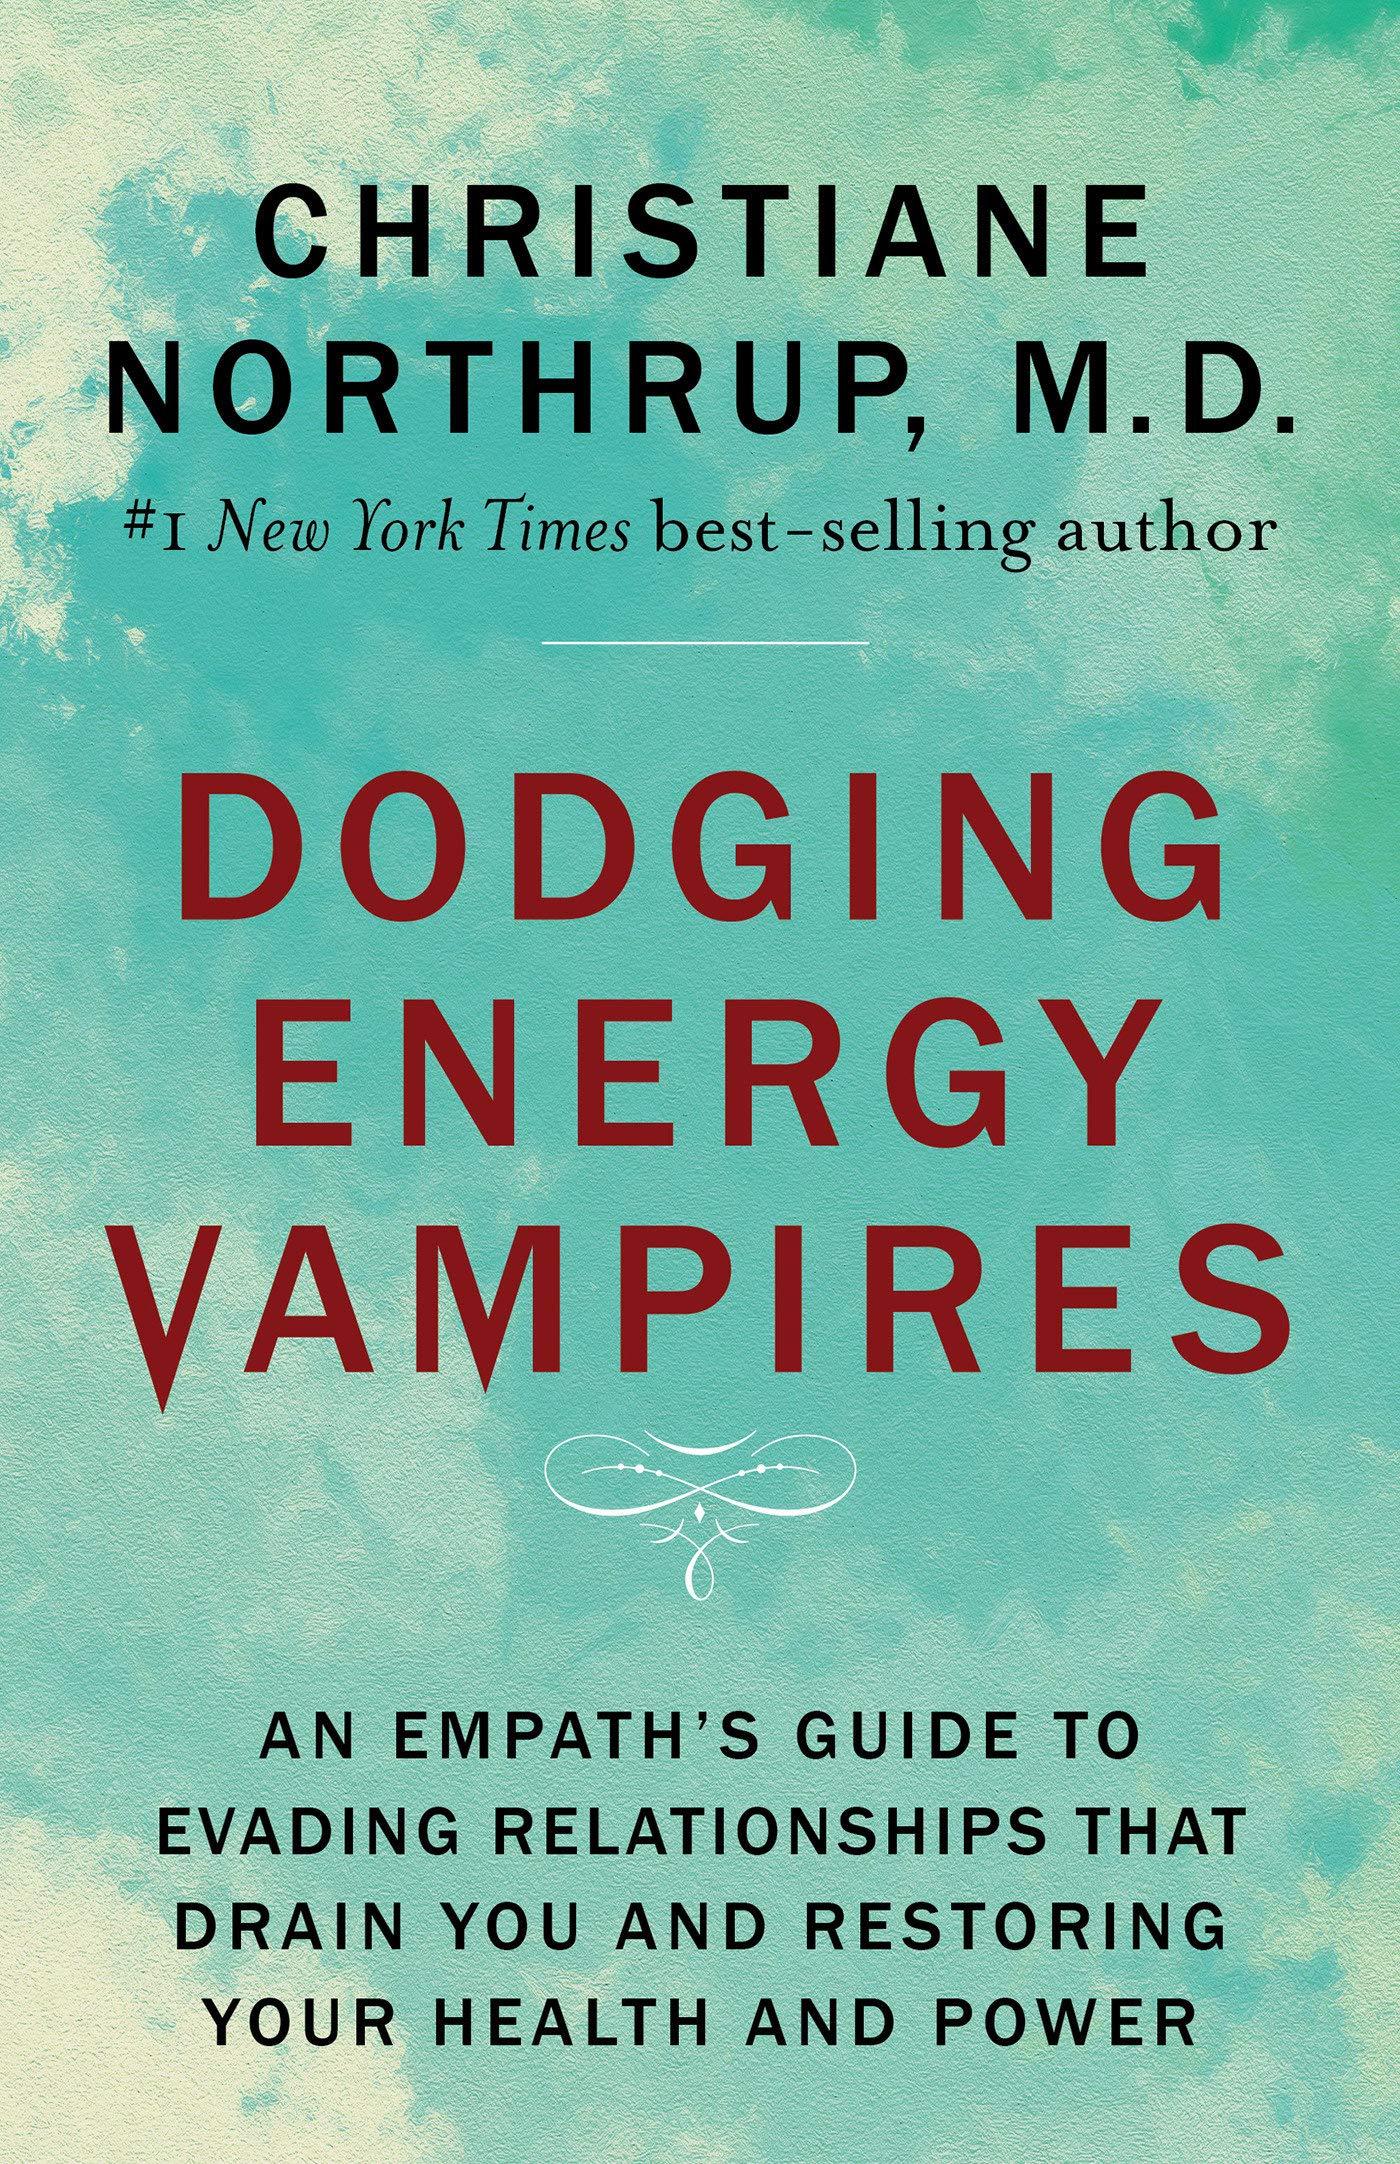 Dodging Energy Vampires.jpg